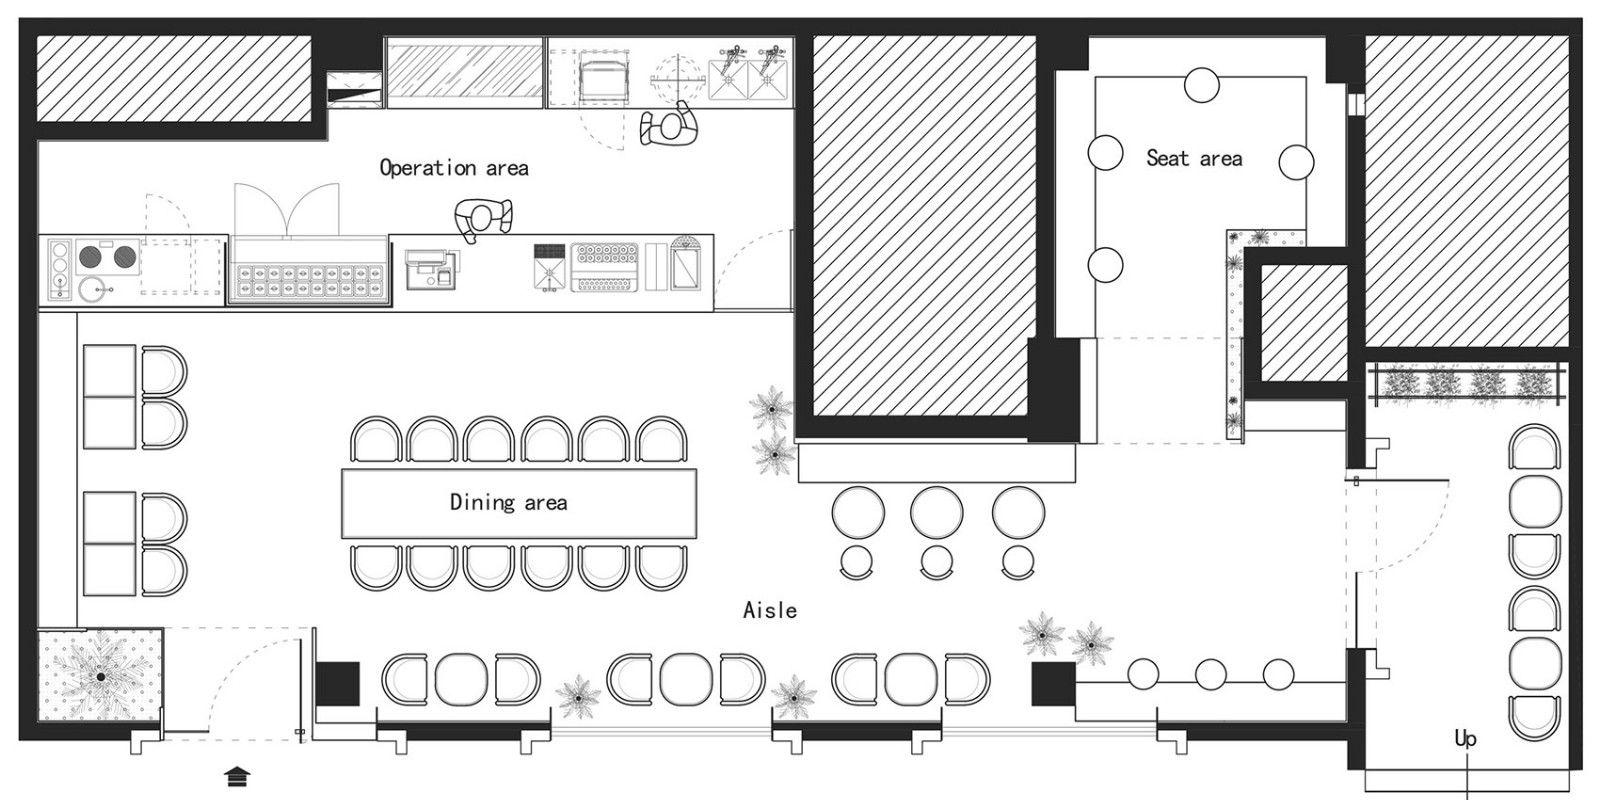 减法有层次,粗糙变细腻-重庆粟集轻食餐厅   朴开十向